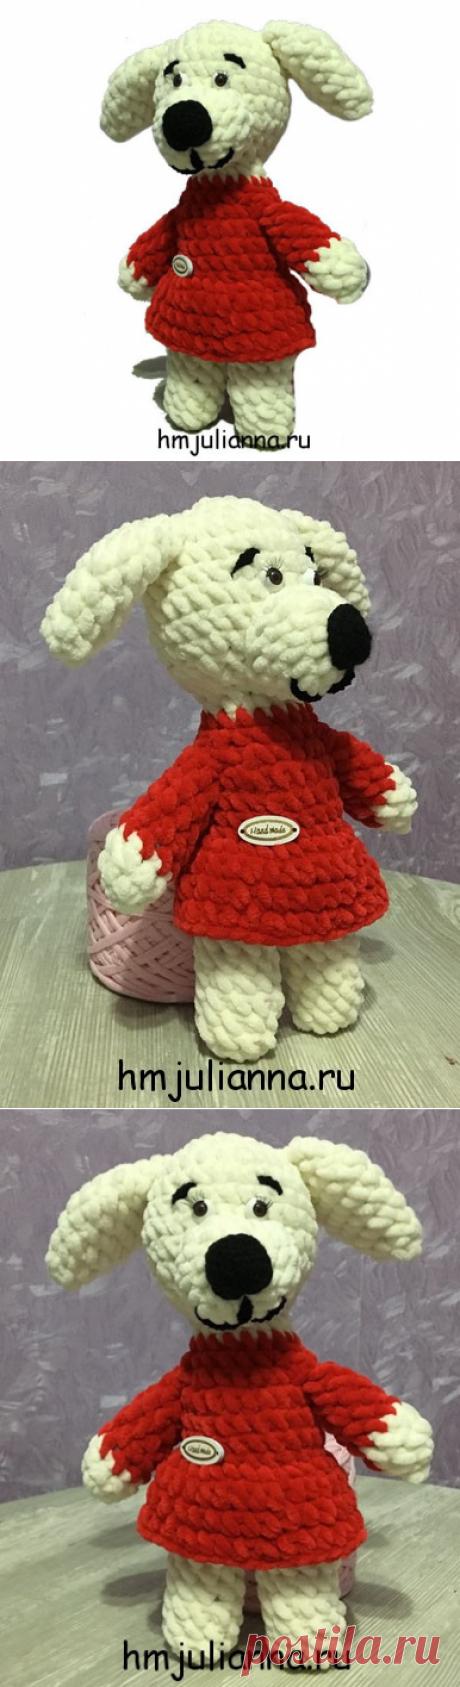 Плюшевая игрушка собачка ручной работы, 25 см, в красном платье.Мастерская рукоделия Анны Ганоцкой